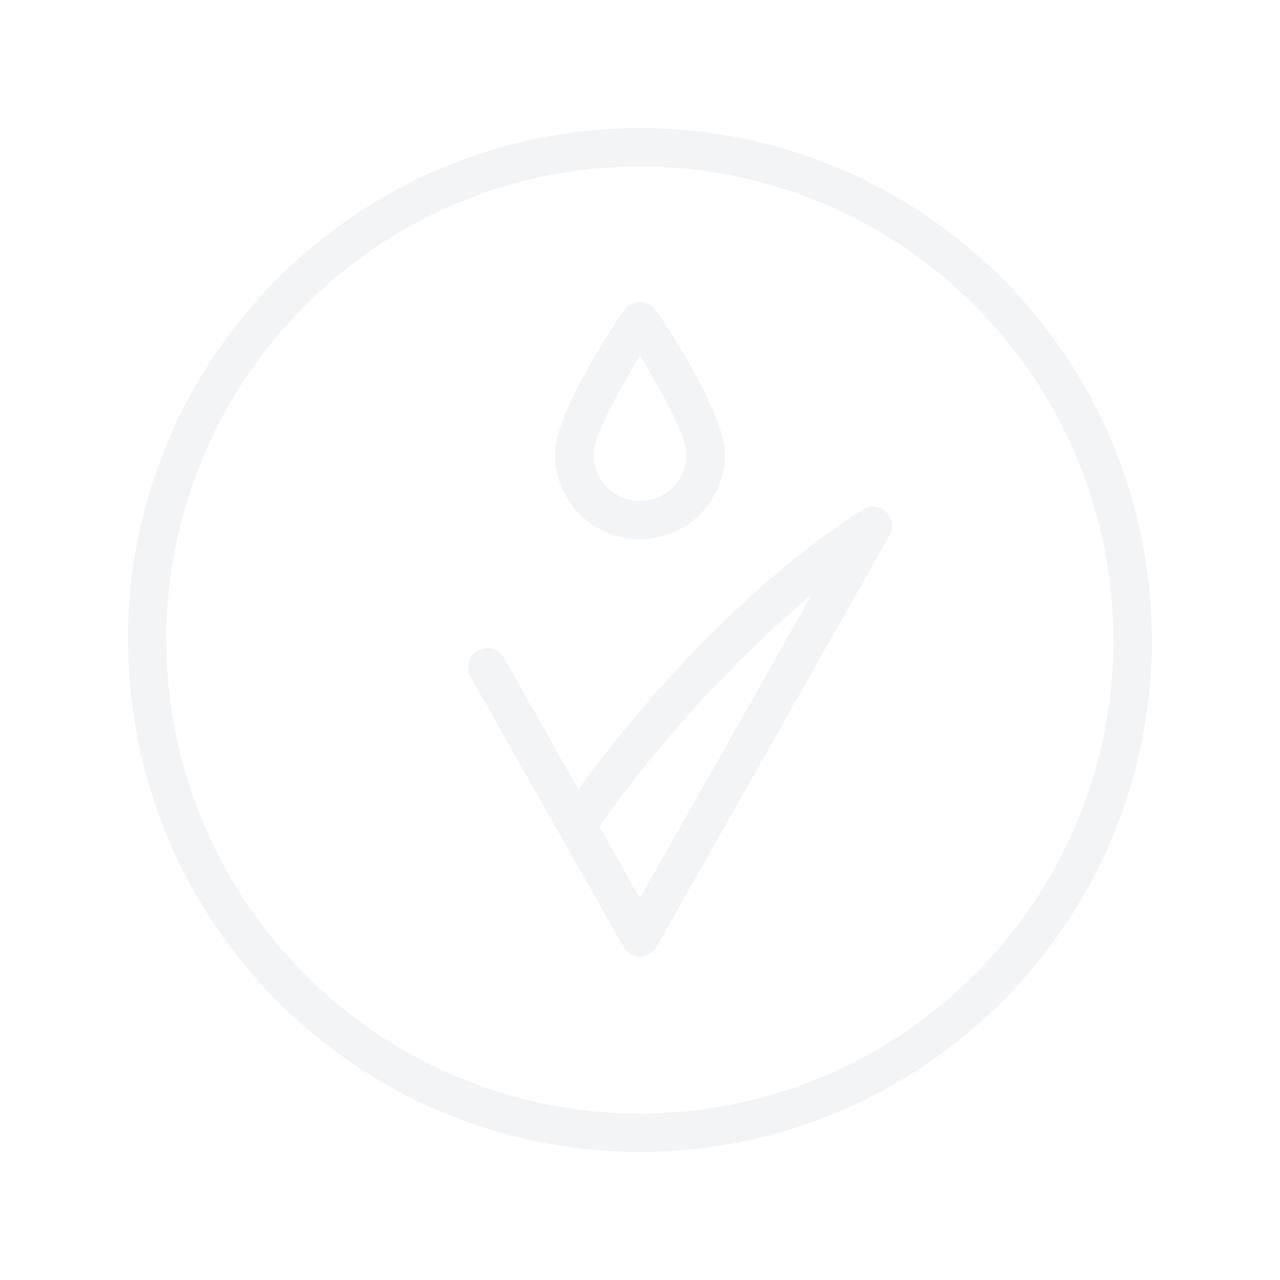 JOIK Lemon & Vanilla Body Scrub 205g